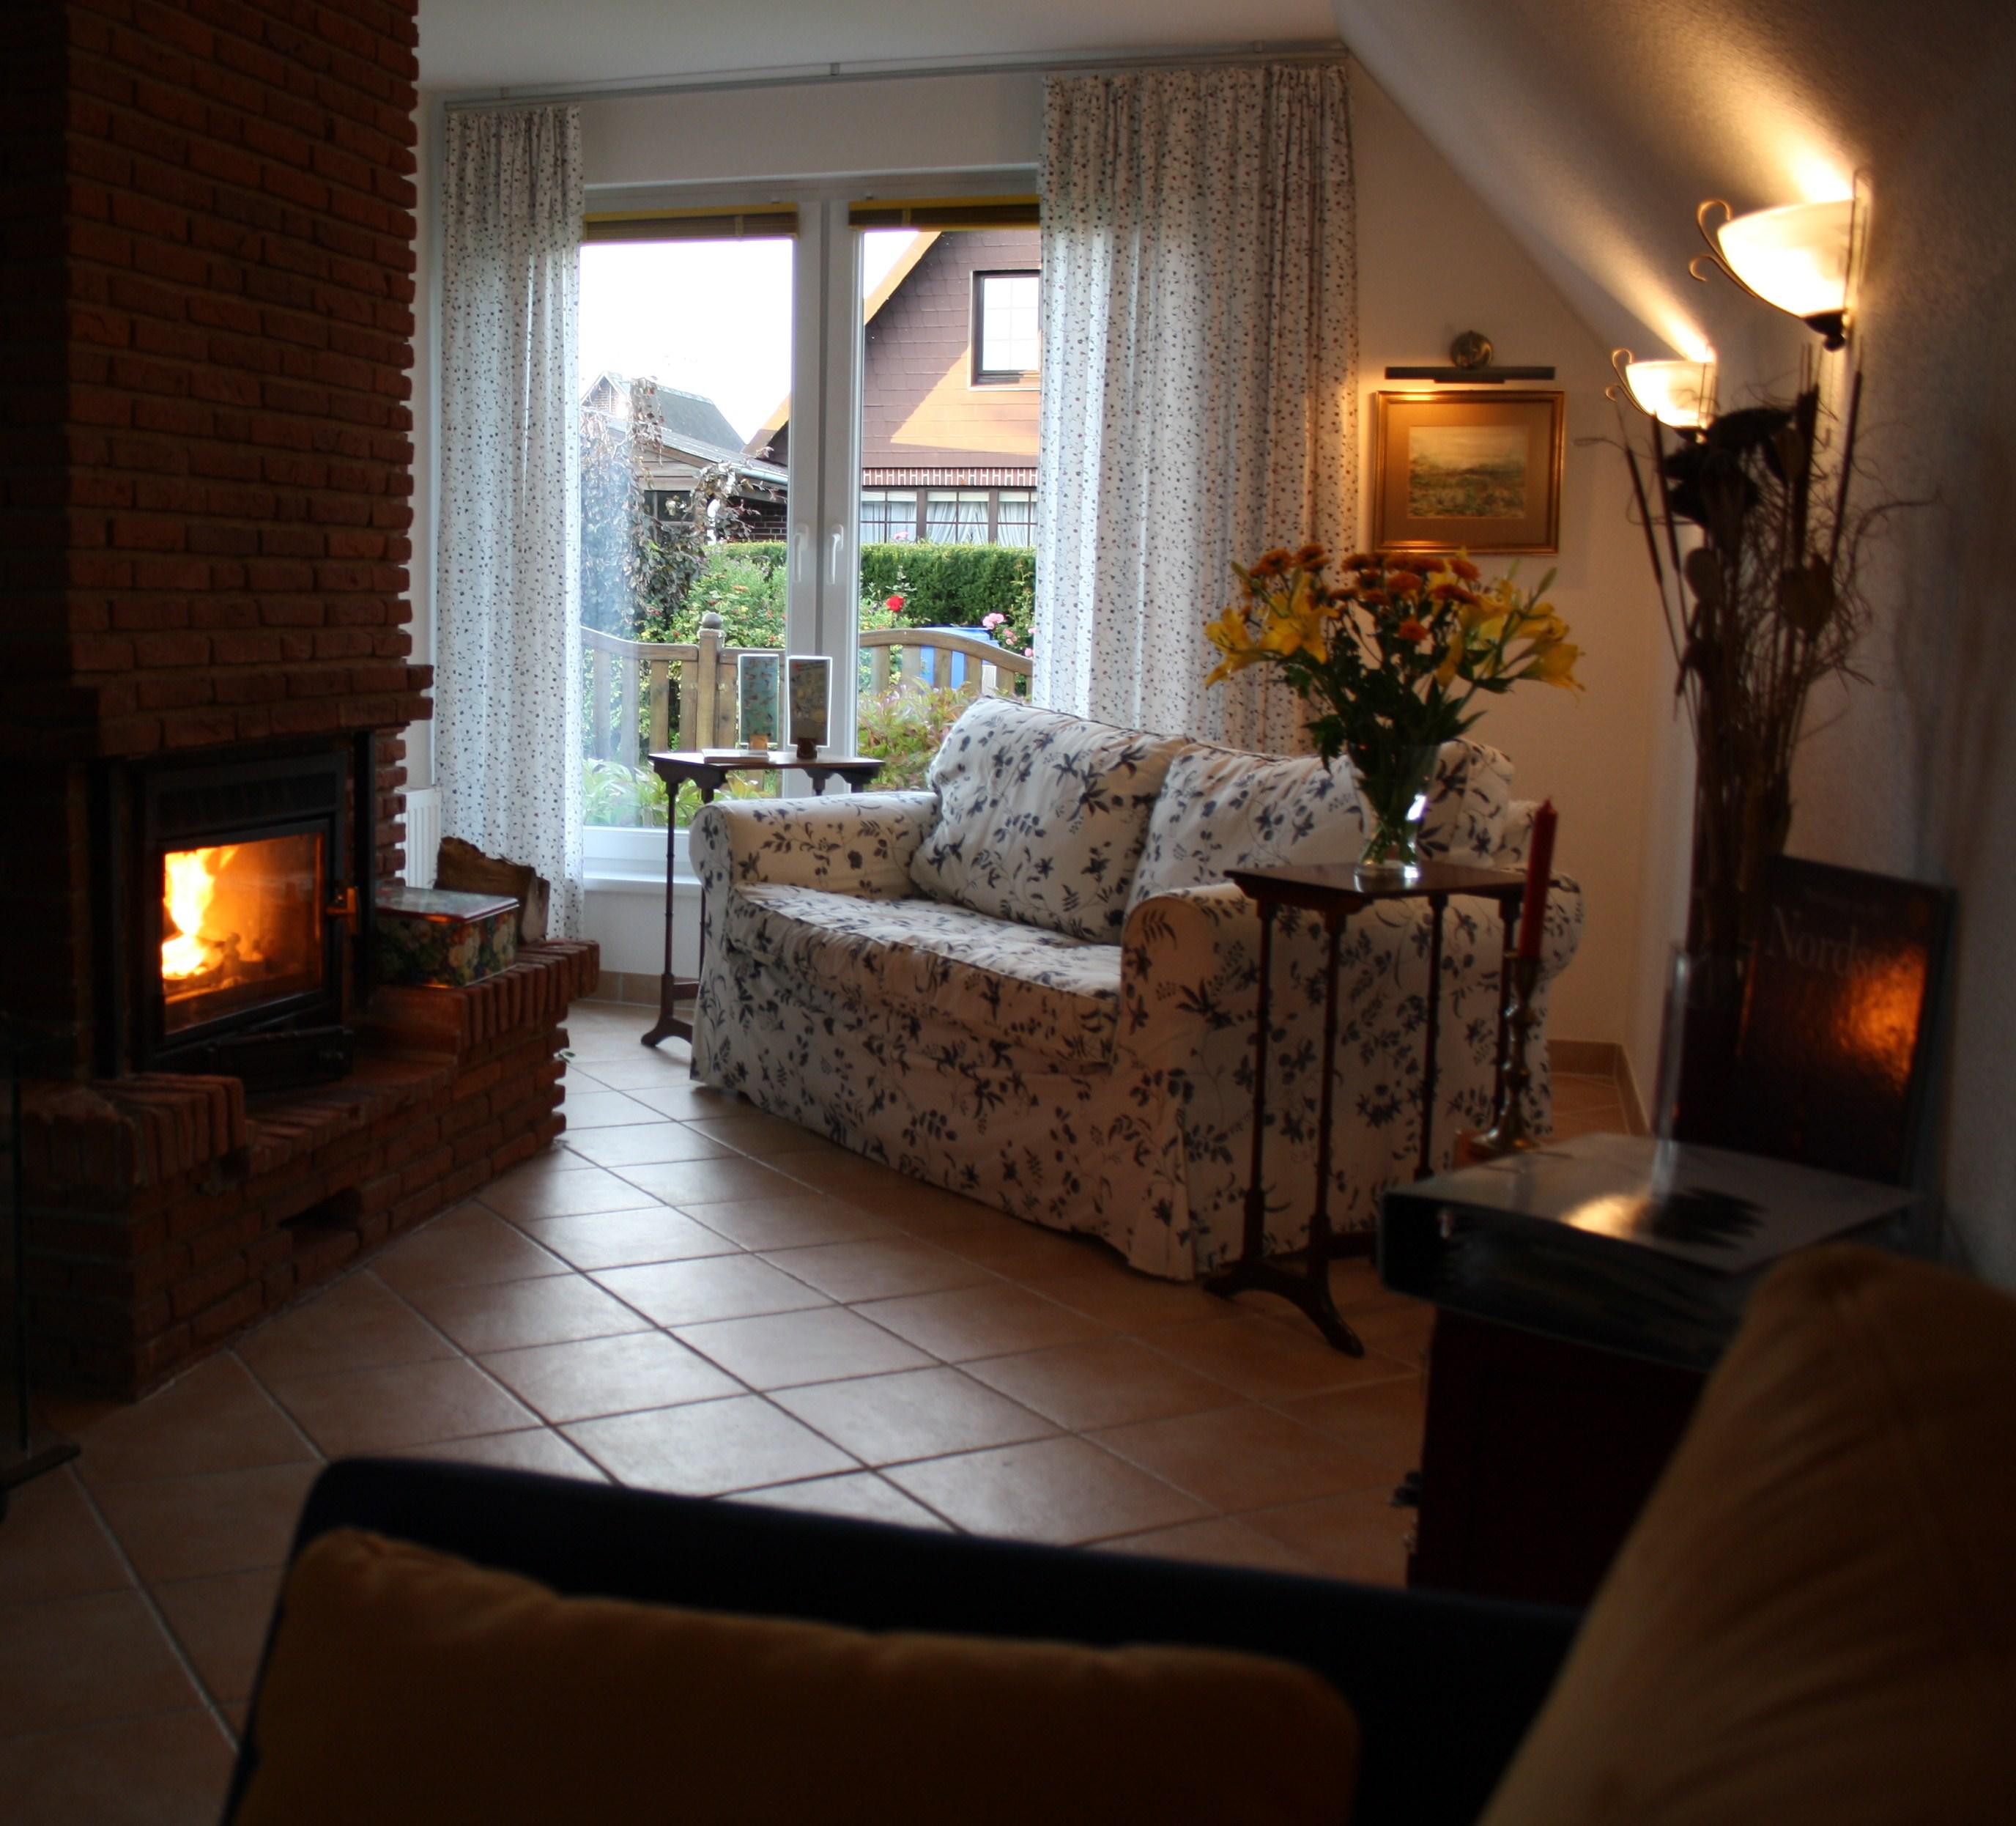 bilder ferienhaus friedrichskoog. Black Bedroom Furniture Sets. Home Design Ideas